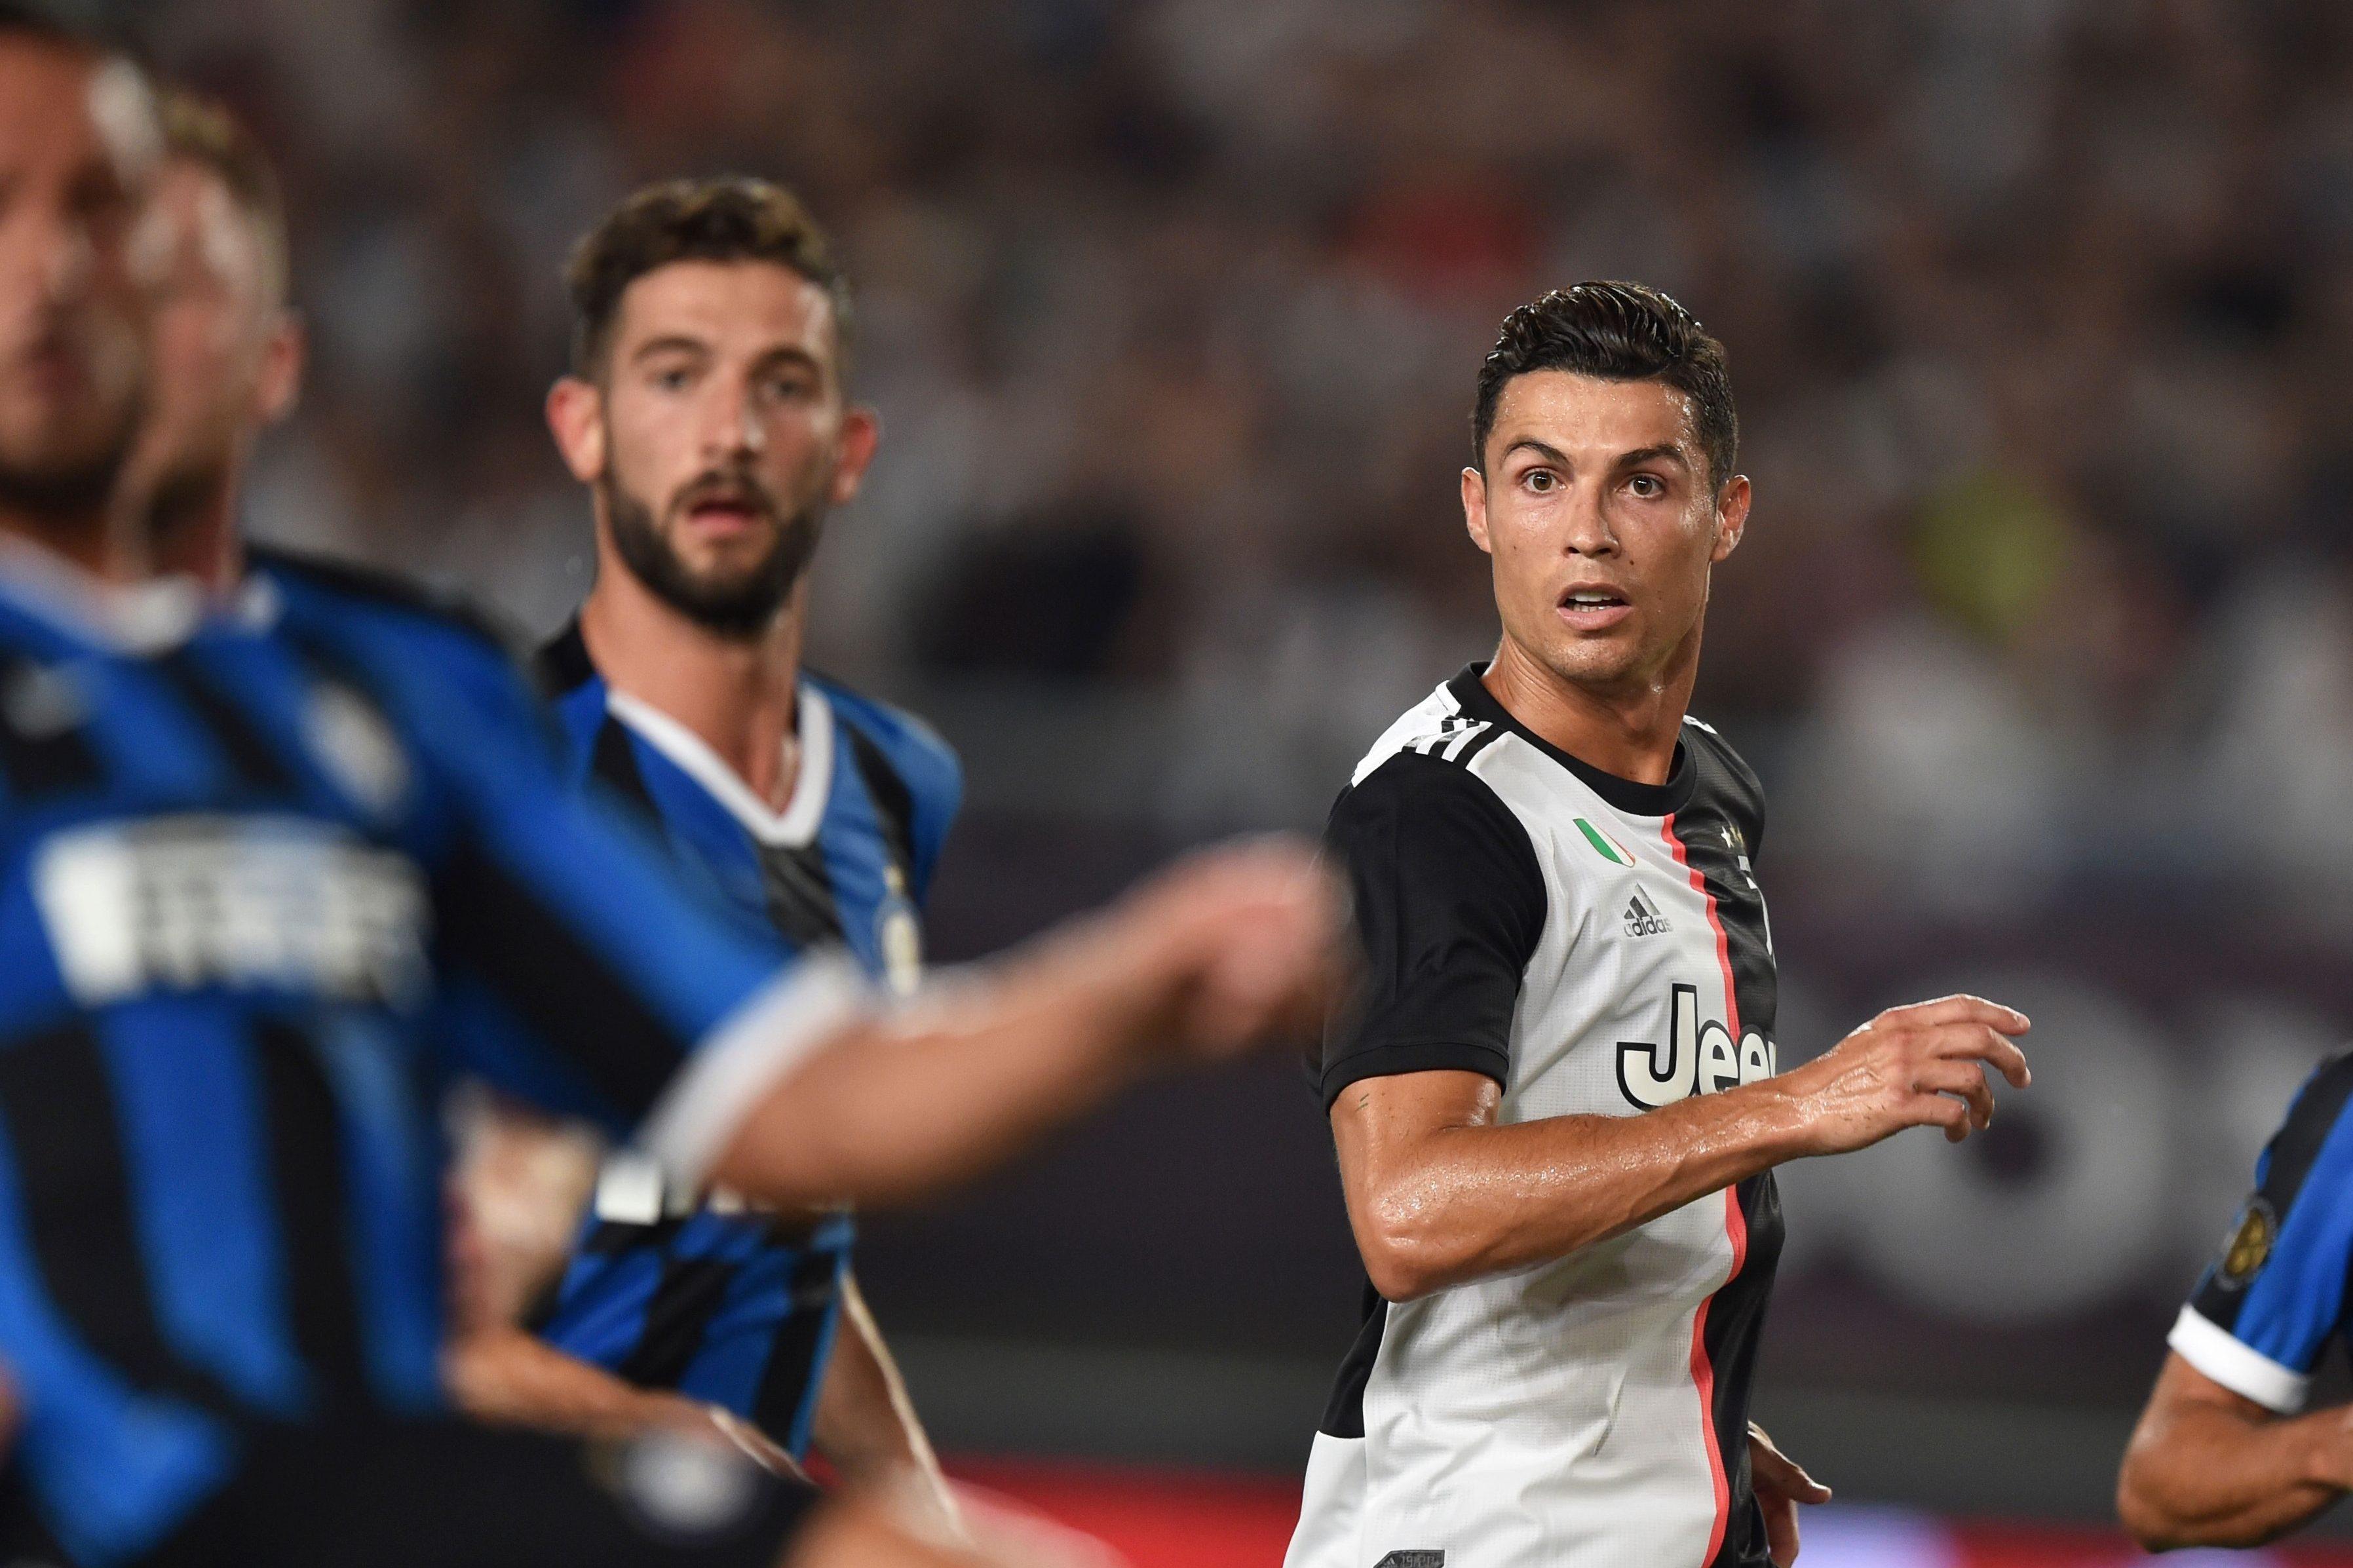 Calcio In Tv Oggi E Stasera Juve Inter In Chiaro Niente Diretta Dove Vedere Milan Genoa